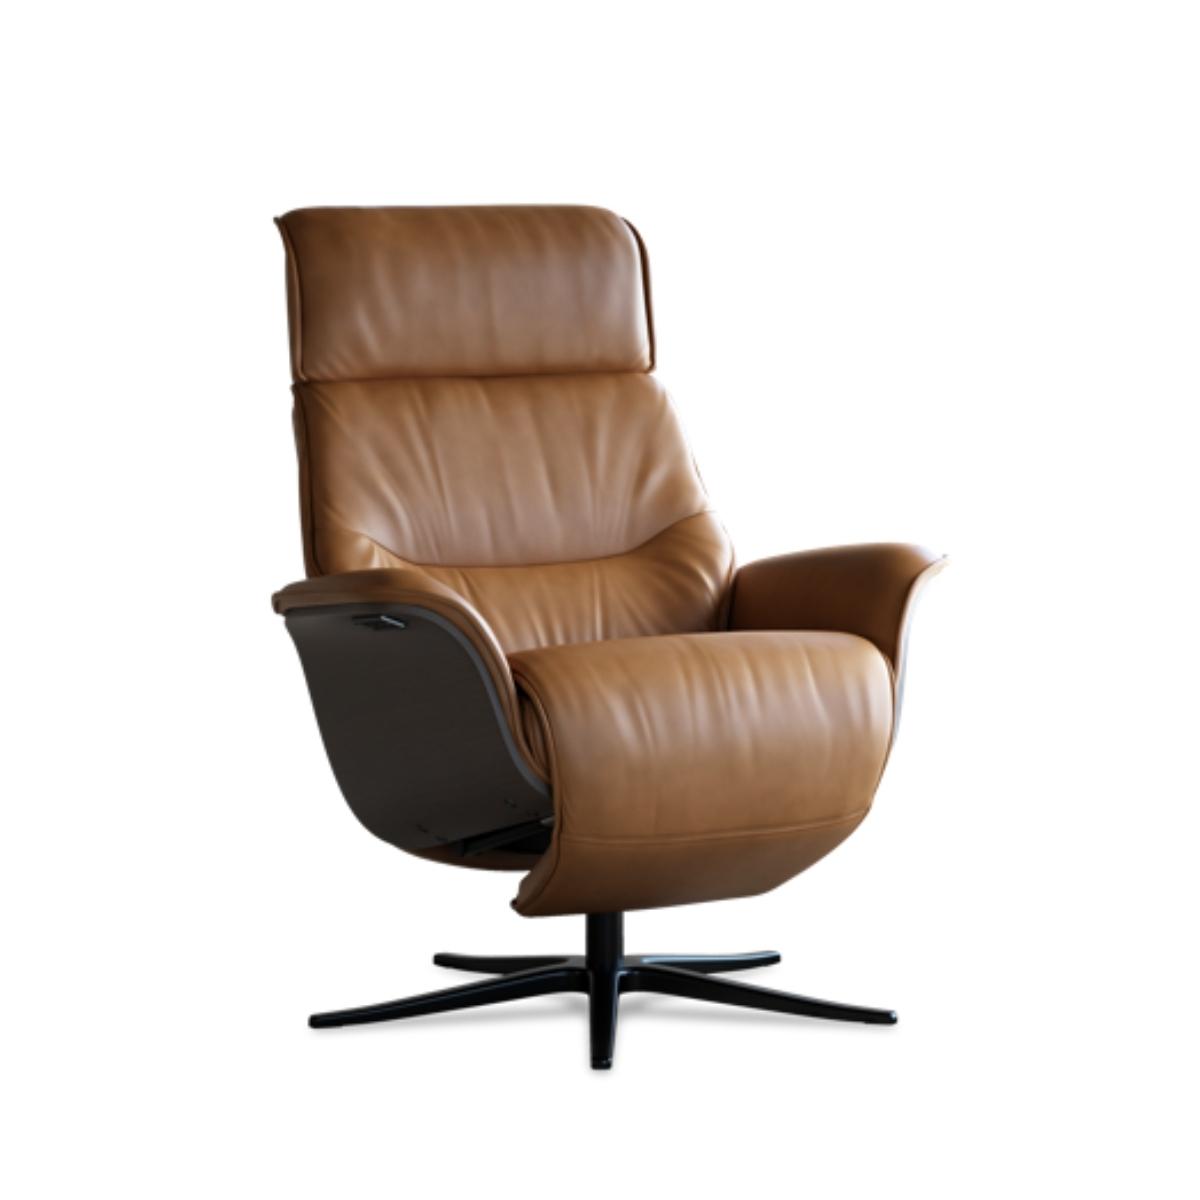 IMG Comfort   Space 5300 - Lænestol m. indbygget skammel - Werenberg